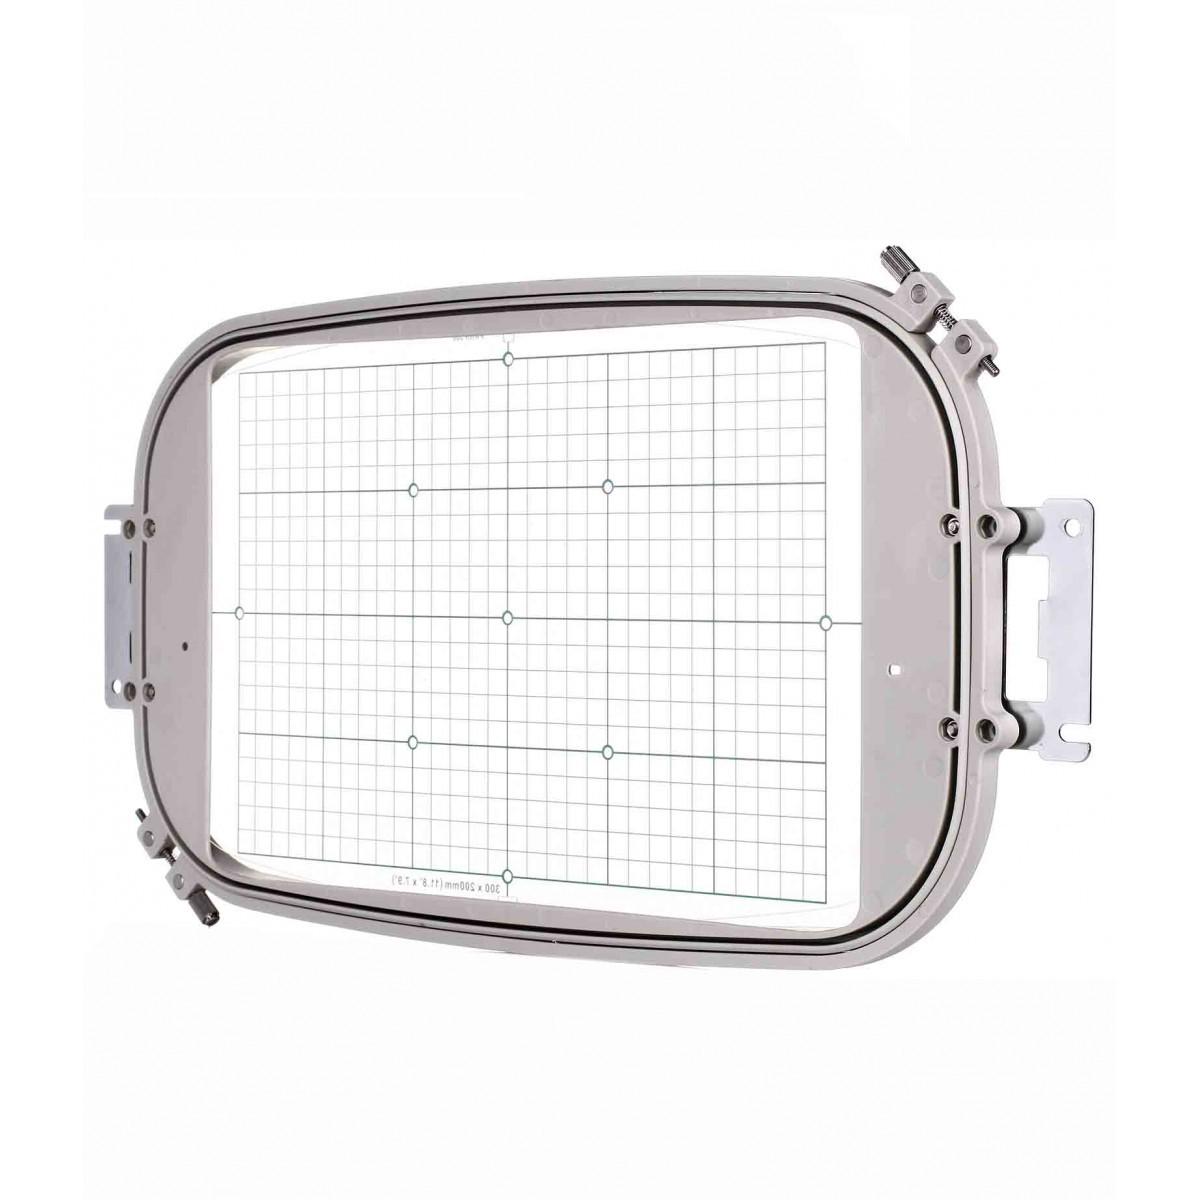 Bastidor PRH-300 20 x 30 cm para PR 650 e PR 1000